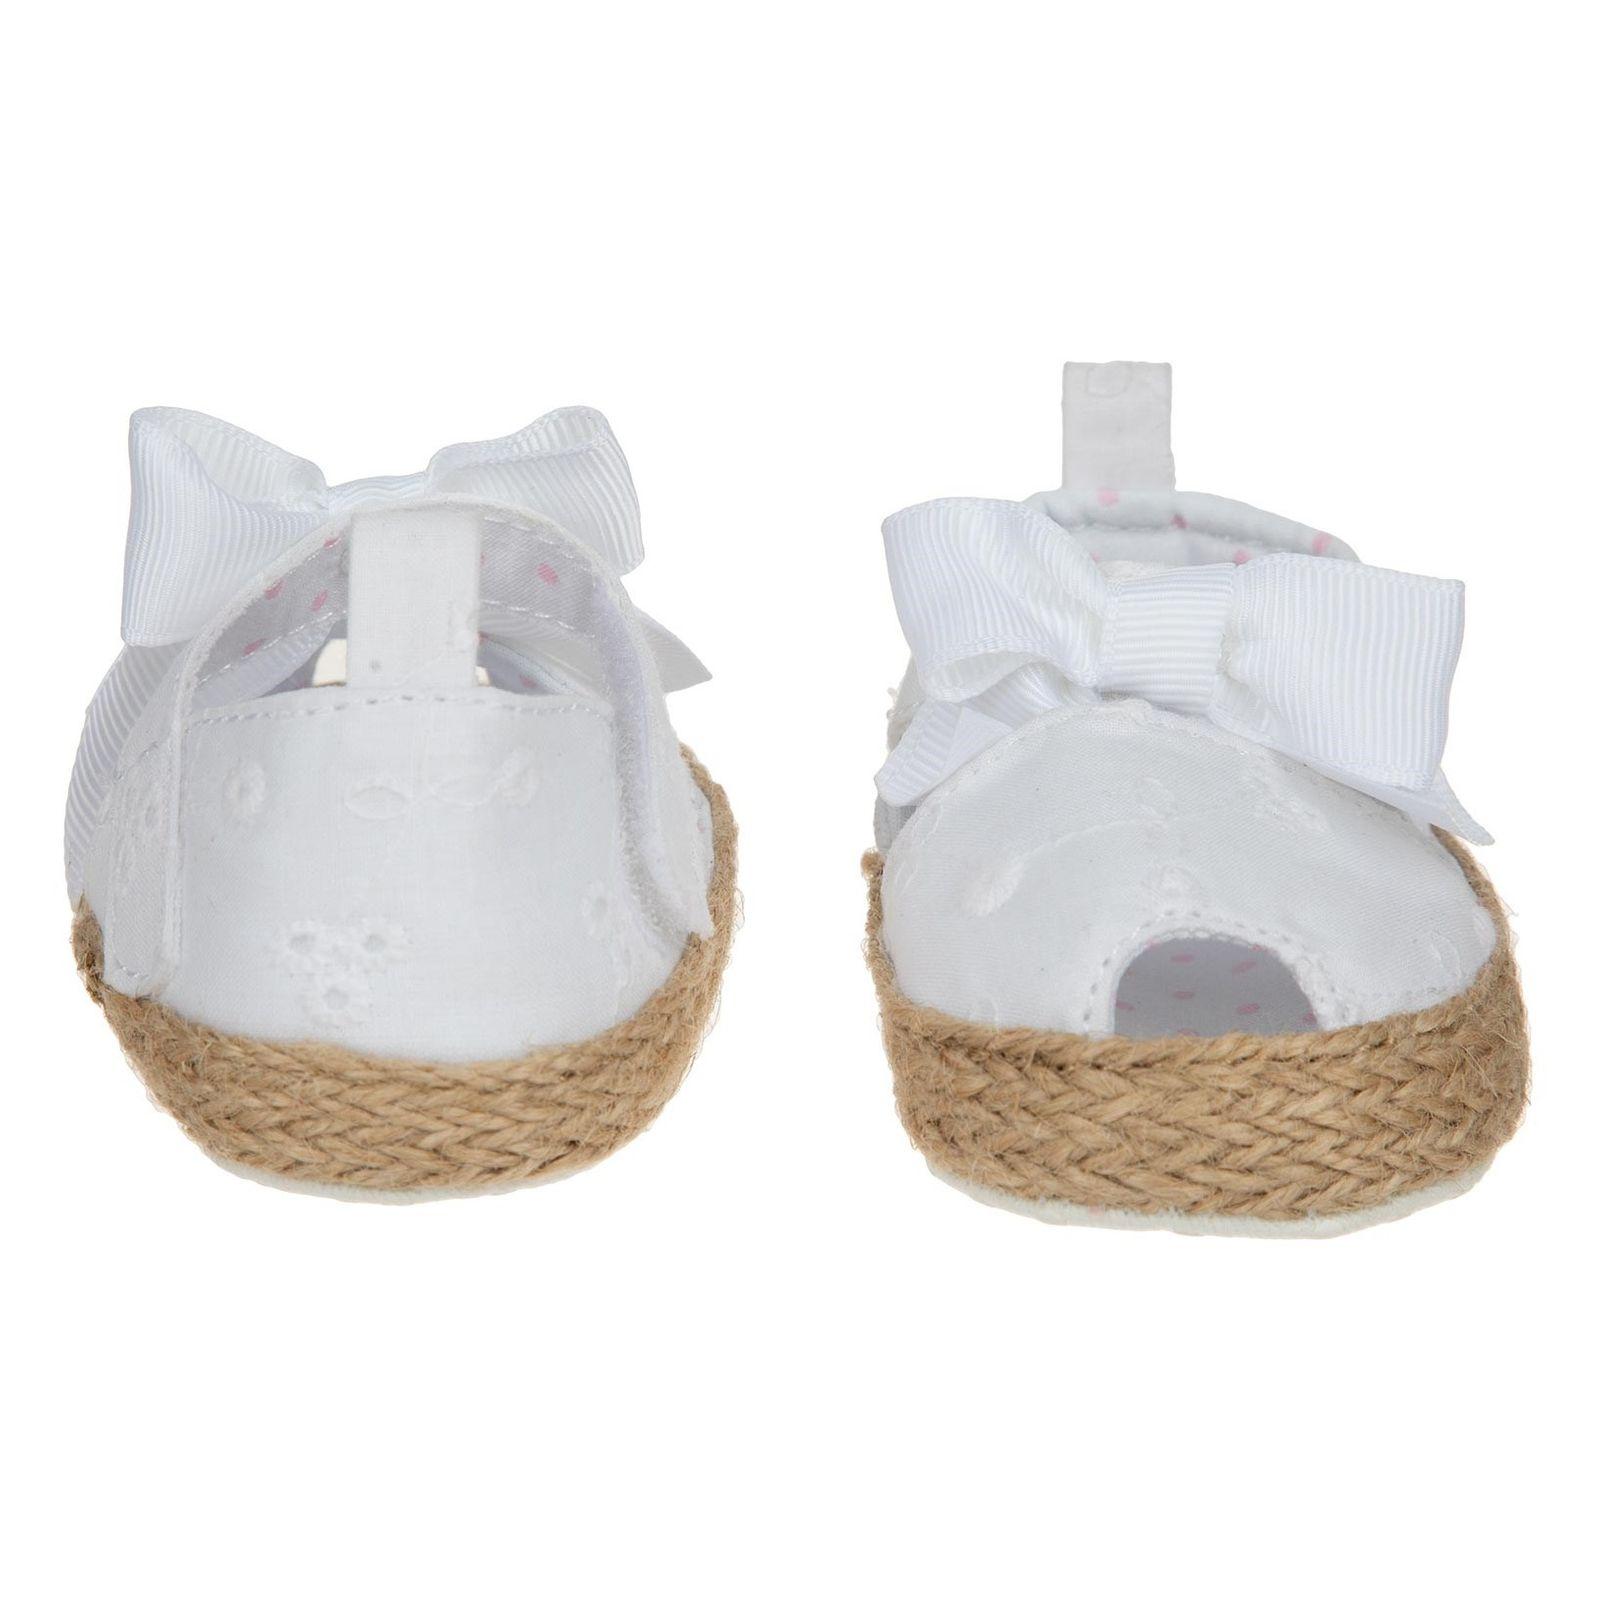 کفش پارچه ای نوزادی - بلوکیدز - نيلي - 5